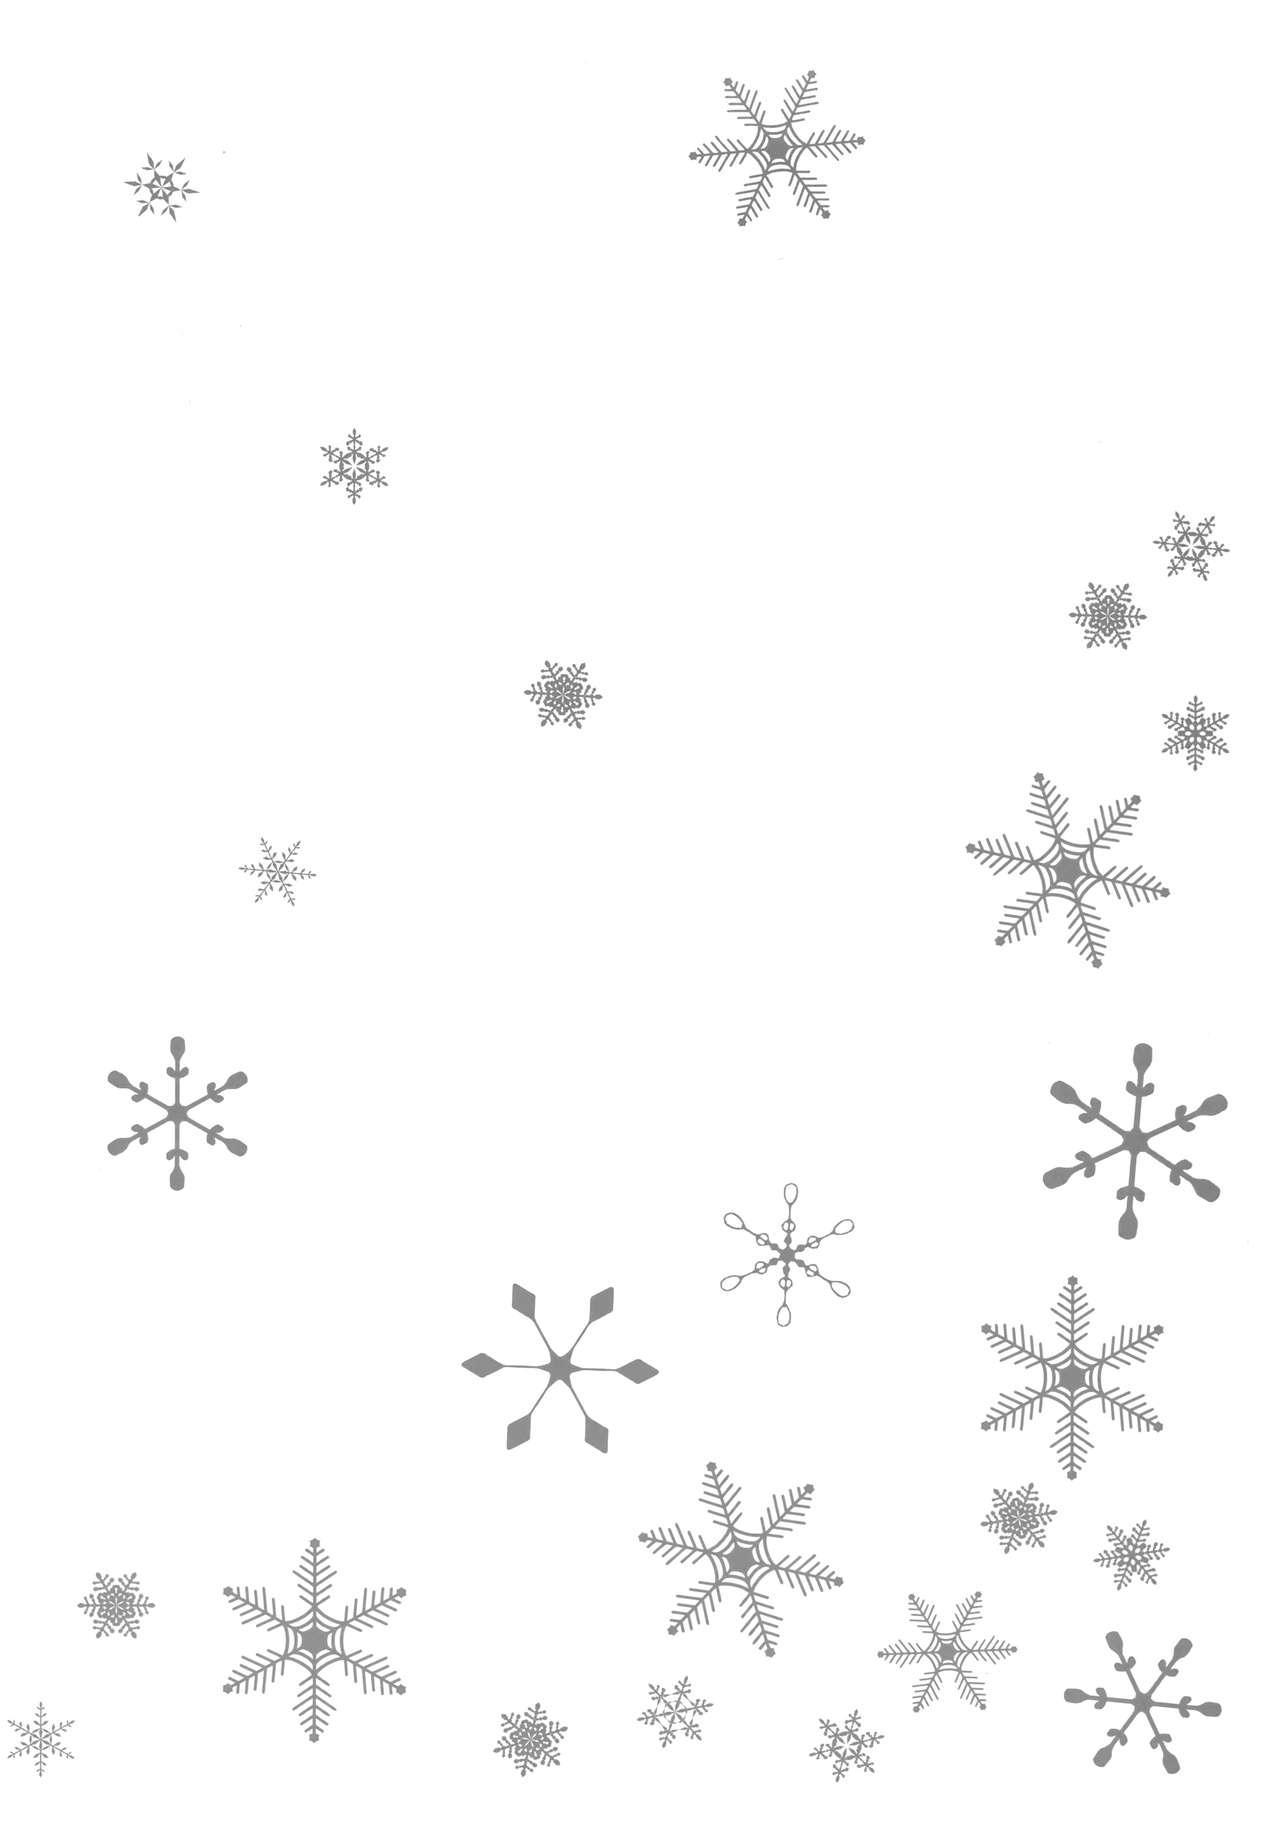 Fuyuiro Memories - Winter Color Memories 1